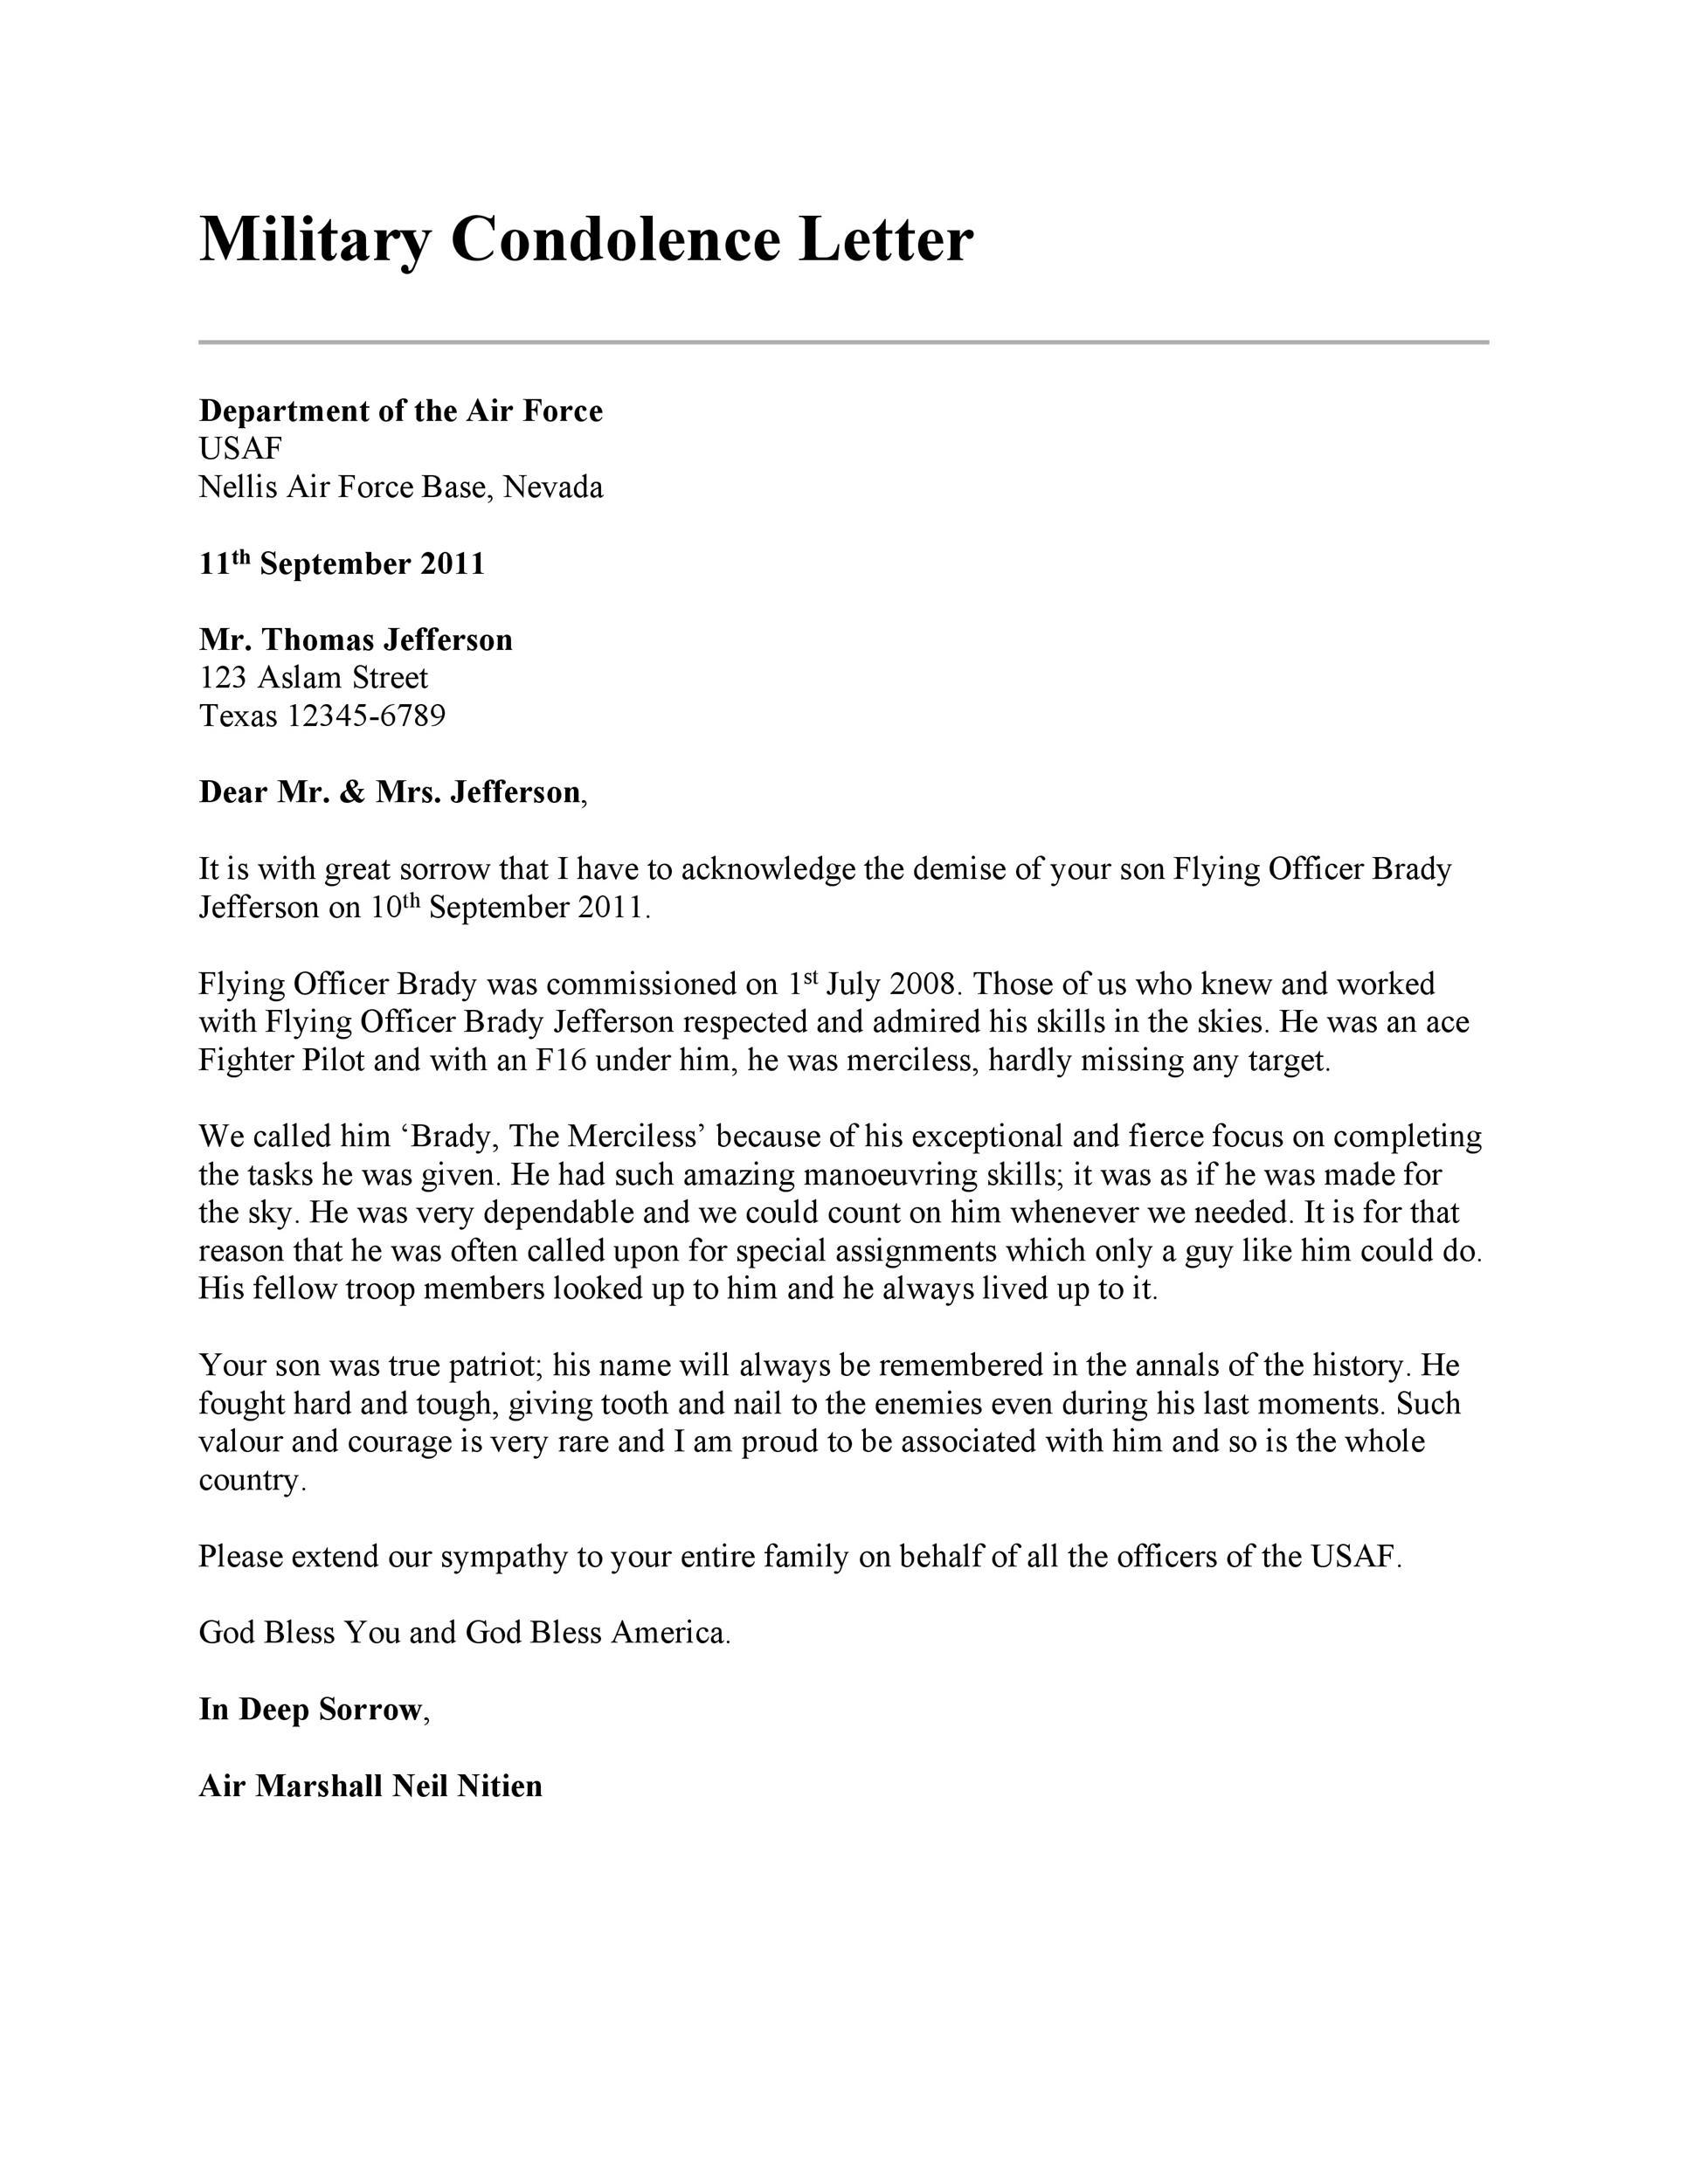 Free condolence letter 39